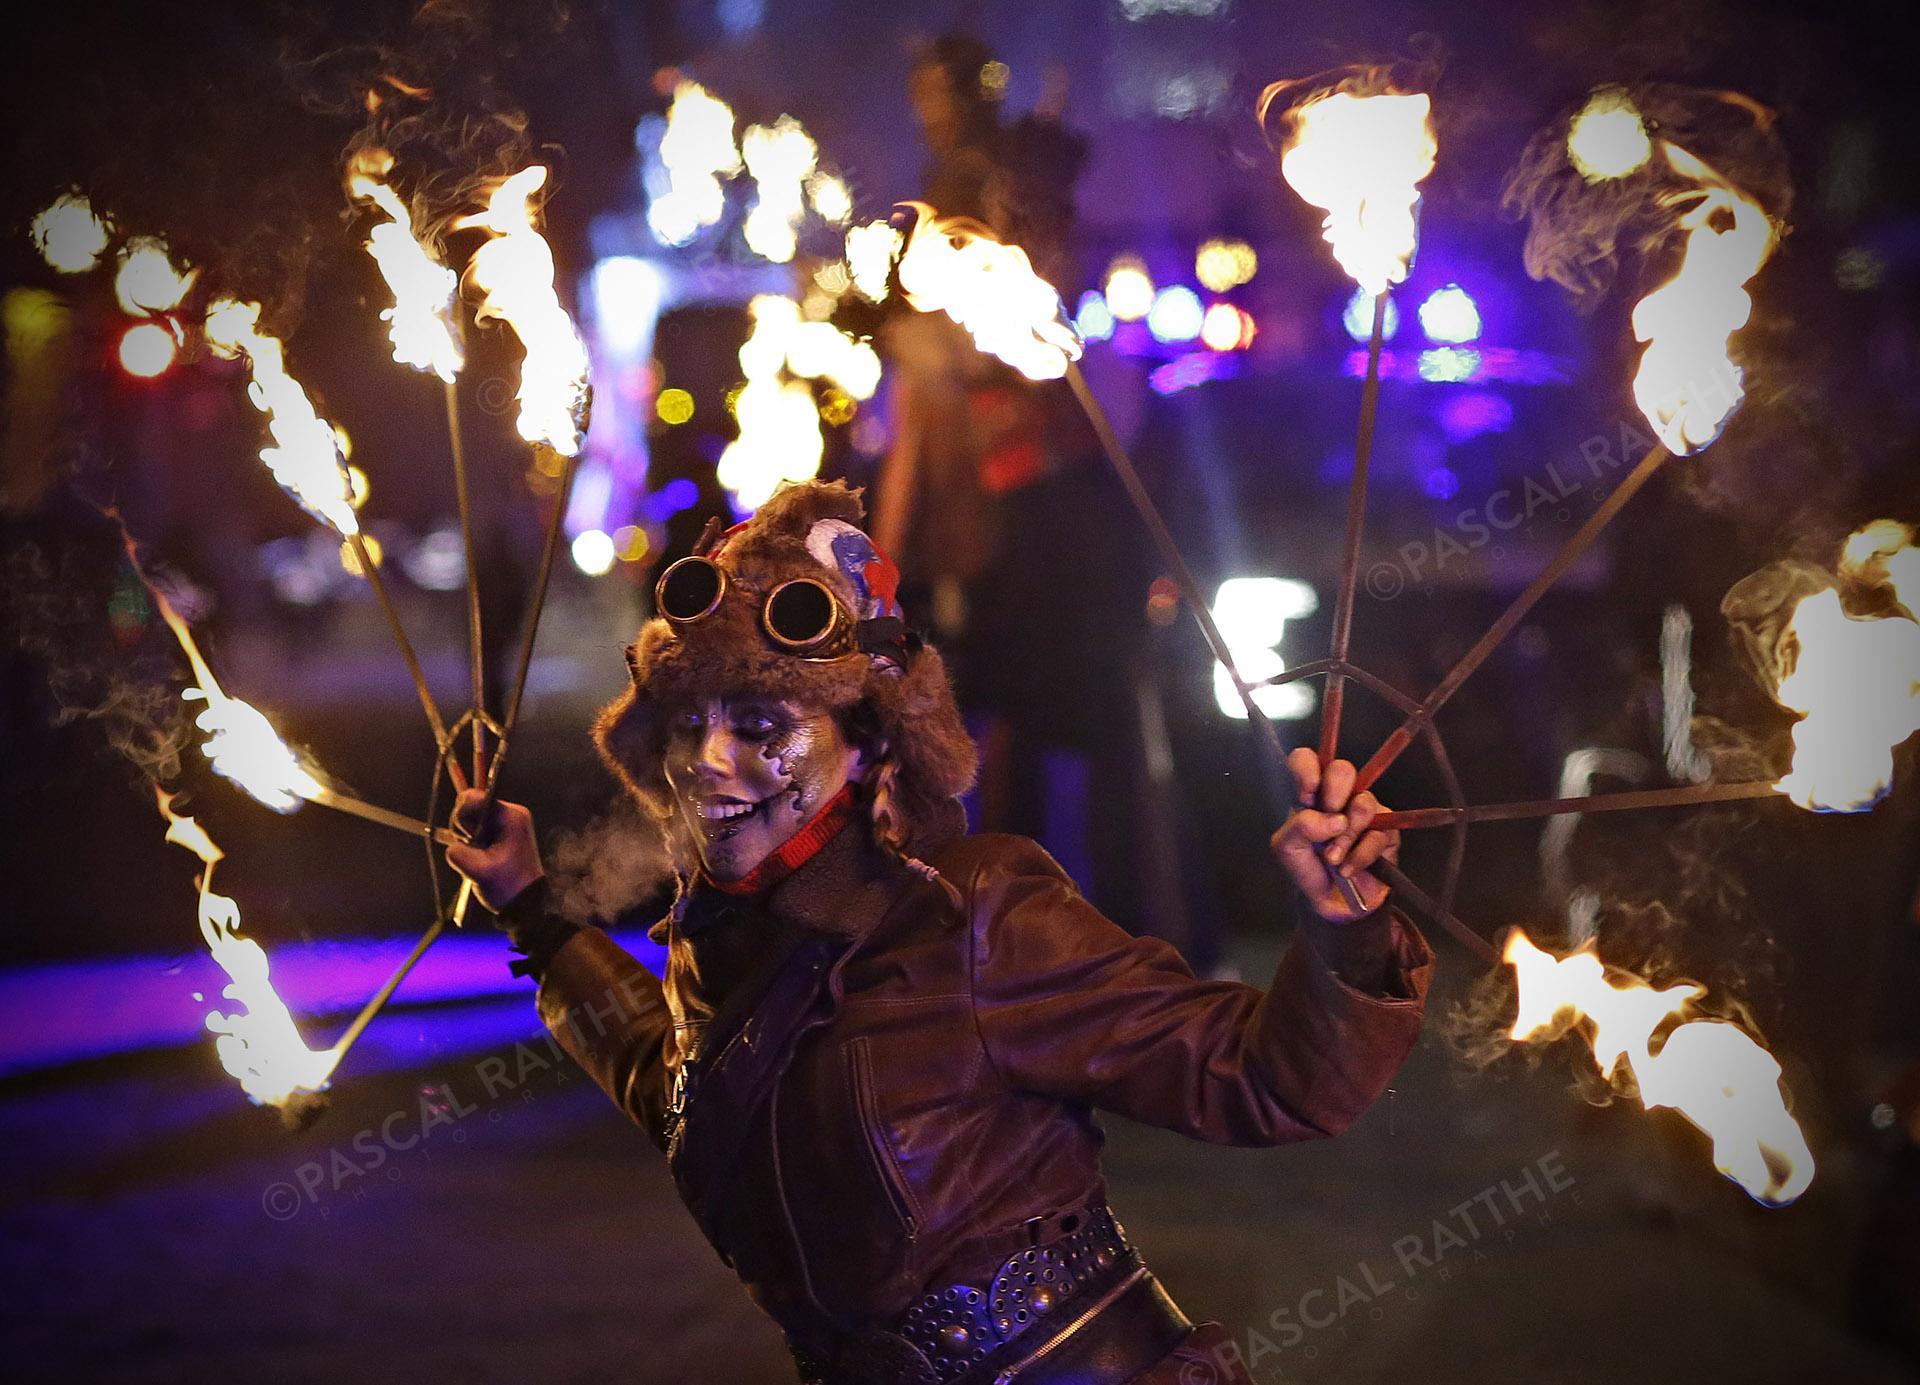 le défilé du Carnaval 2020 à Québec une artiste du feu, faisant partie du spectacle